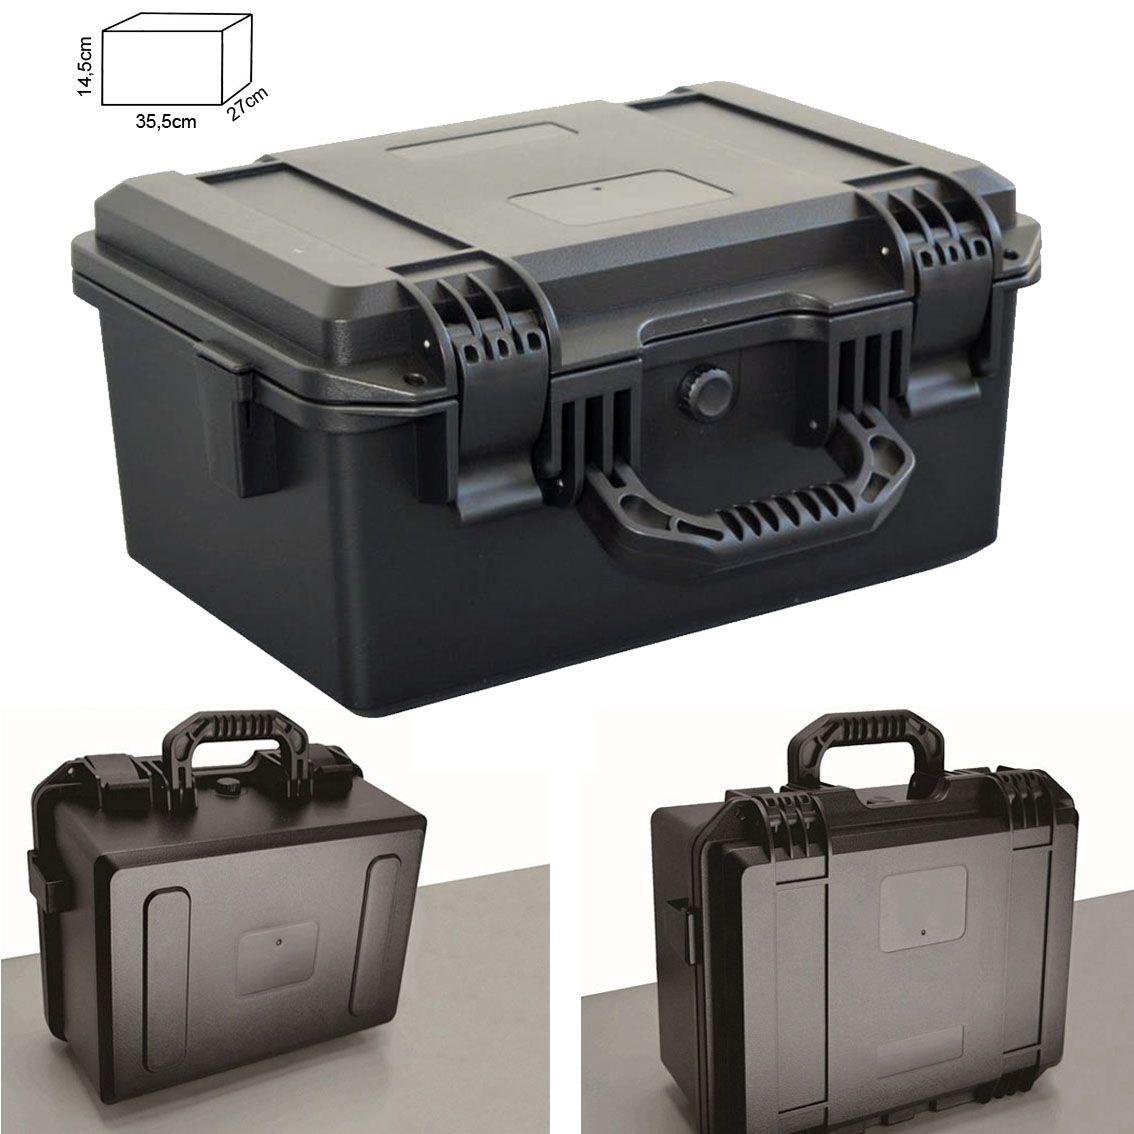 Mala Rigida DSLR - CaseONE YF2133L Foam com Kit de Limpeza EC01  - Diafilme Materiais Fotográficos